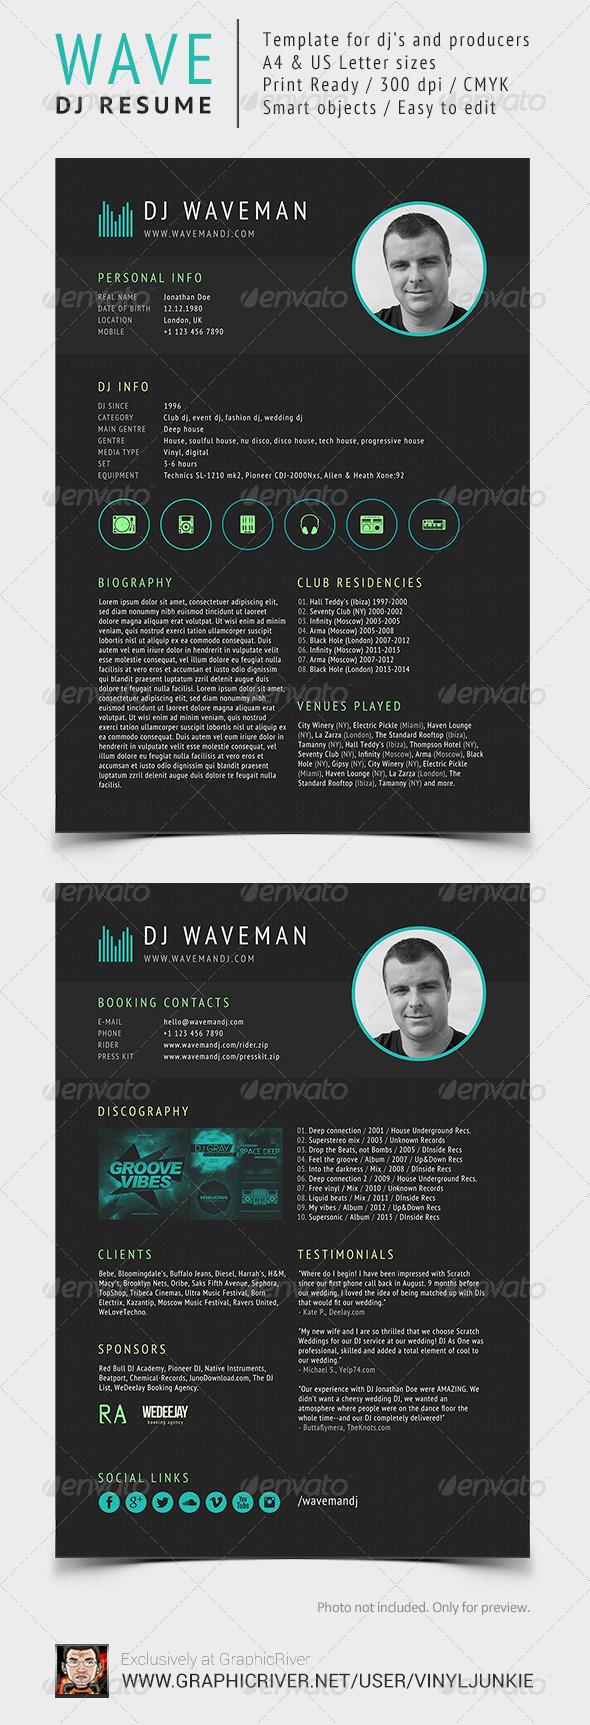 GraphicRiver Wave DJ Resume 6713459